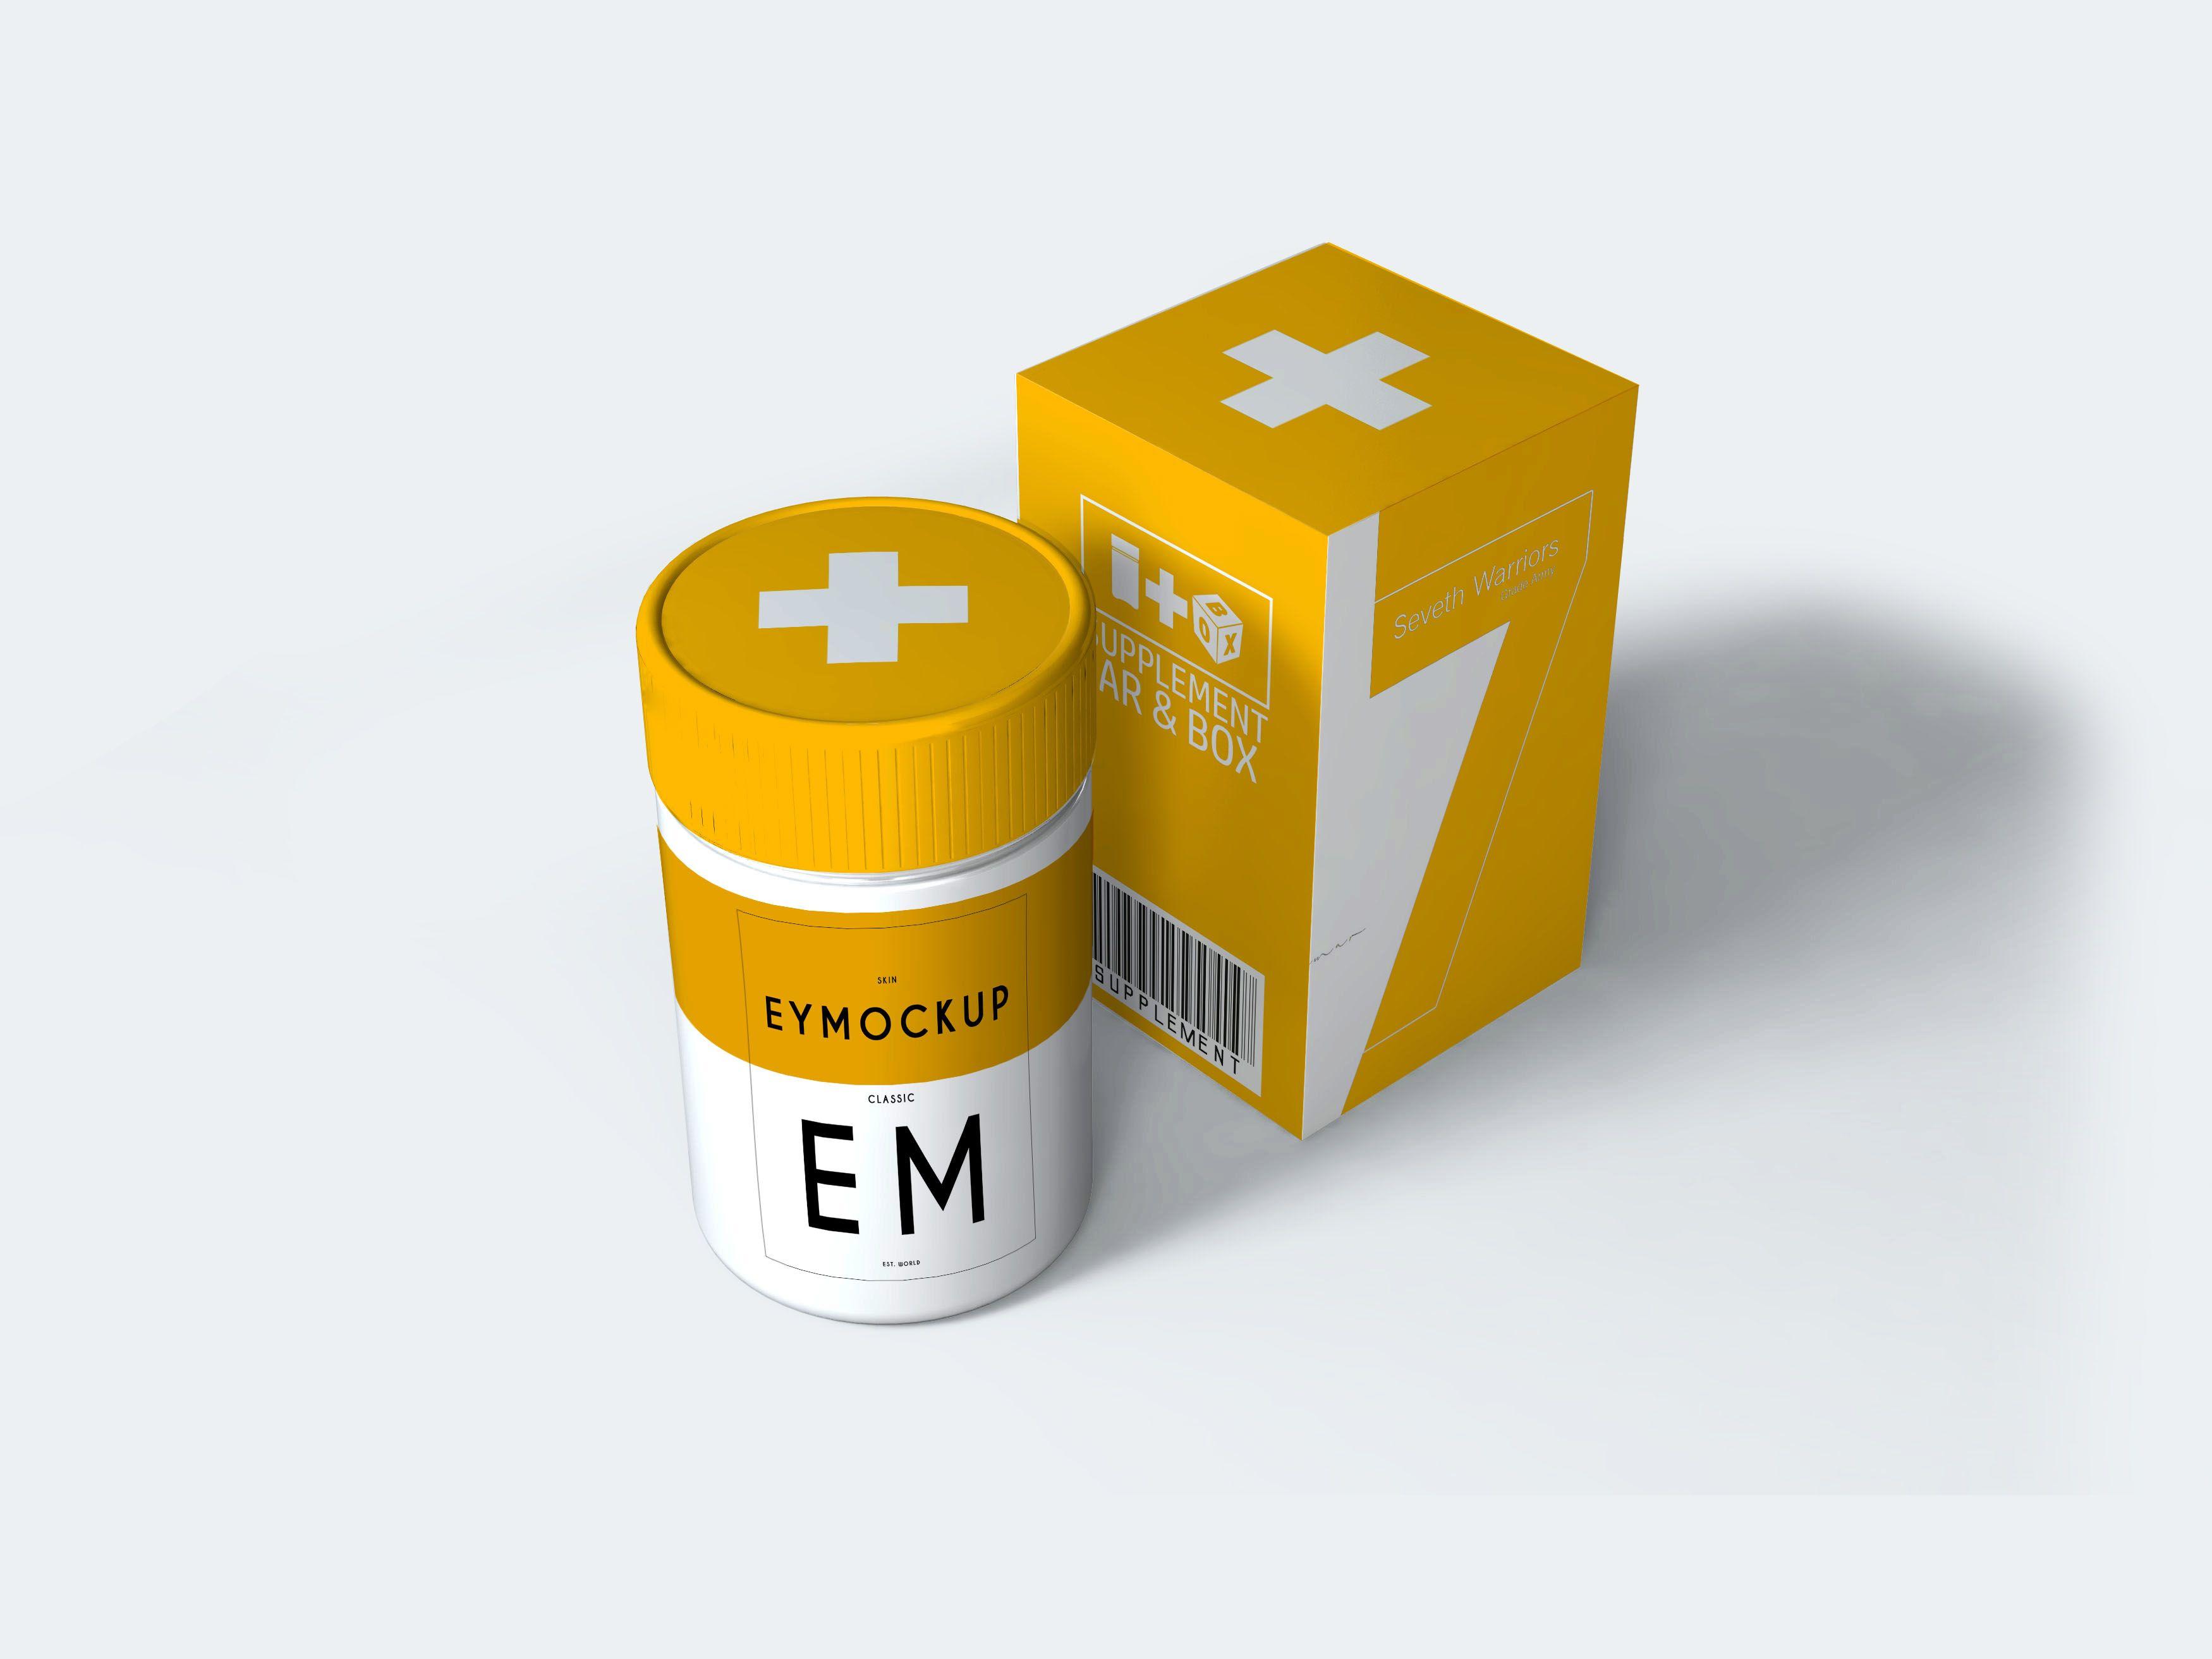 Download New Small Pills Packaging Mockup Download Downloadpremium Packaging Packagingmockup Psd Psddownload Packaging Pill Packaging Packaging Mockup Mockup Psd